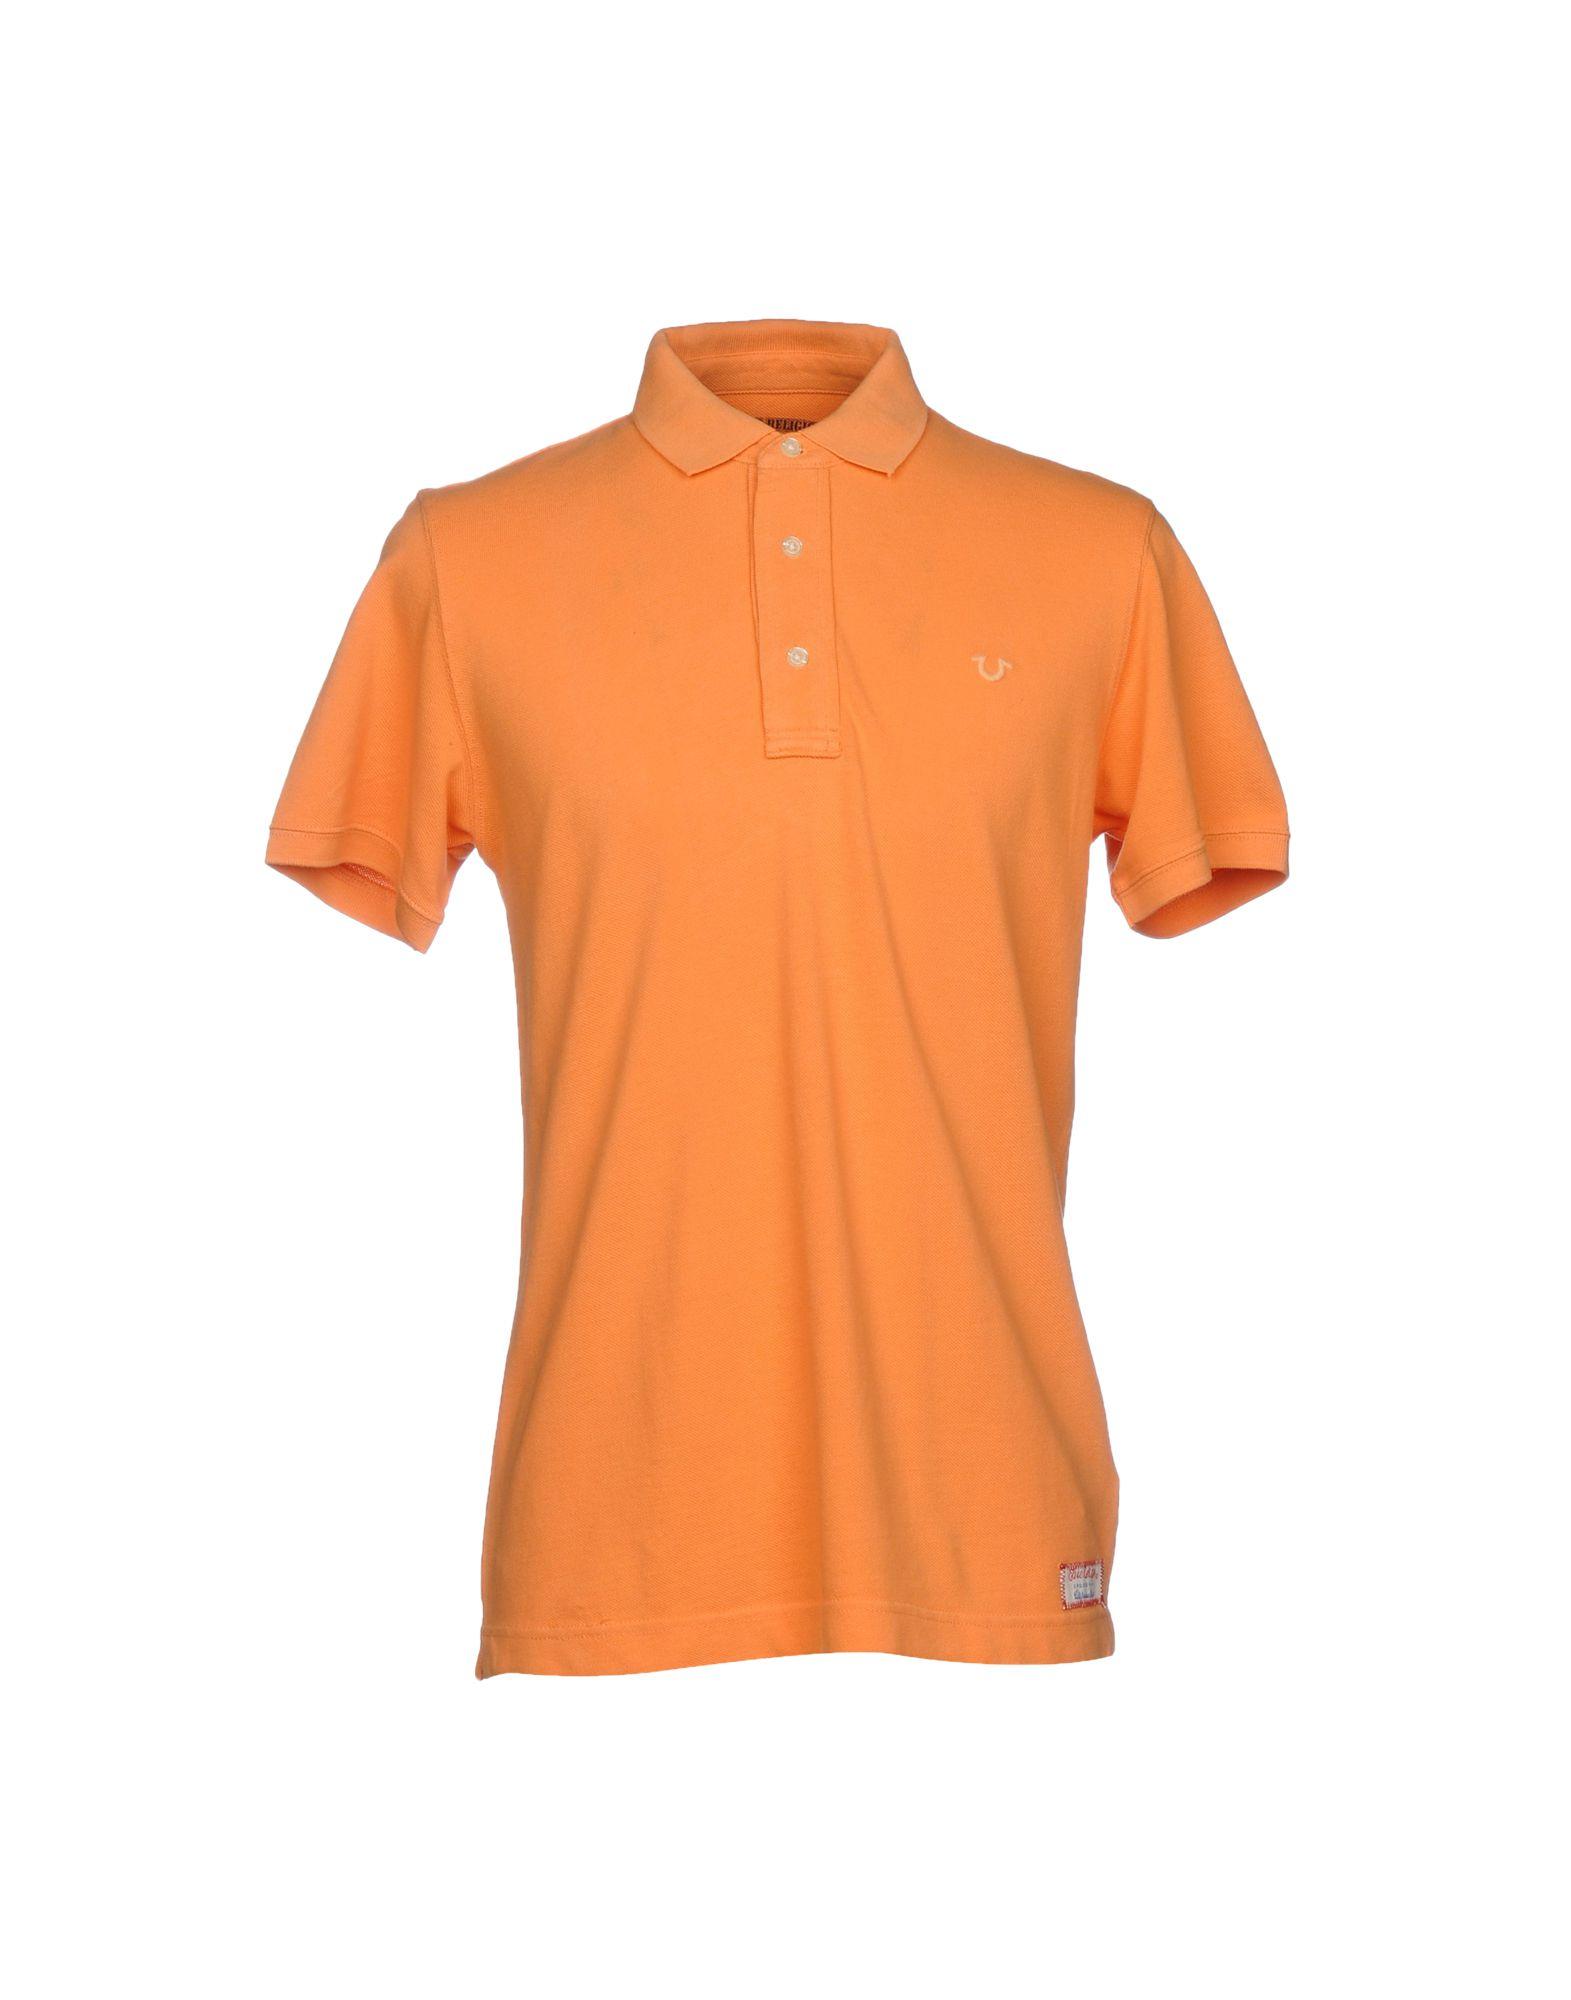 TRUE RELIGION メンズ ポロシャツ オレンジ S コットン 100%